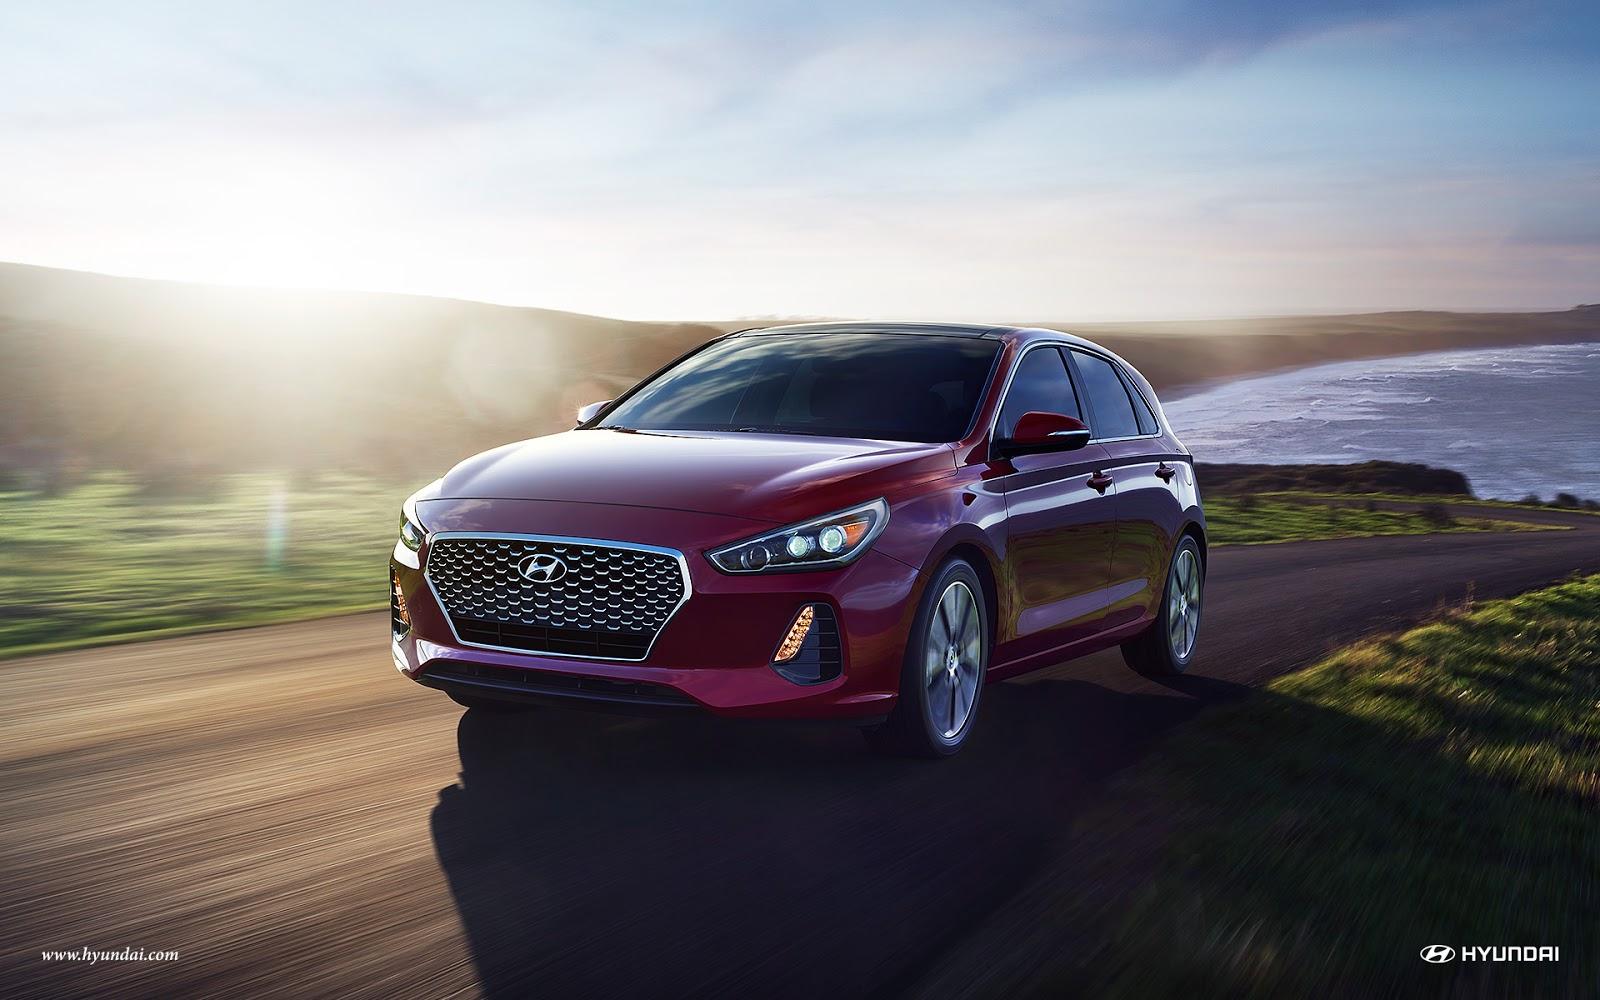 Hyundai Elantra Đời mới nhất Model 2018 Nhập Khẩu và Lắp Ráp